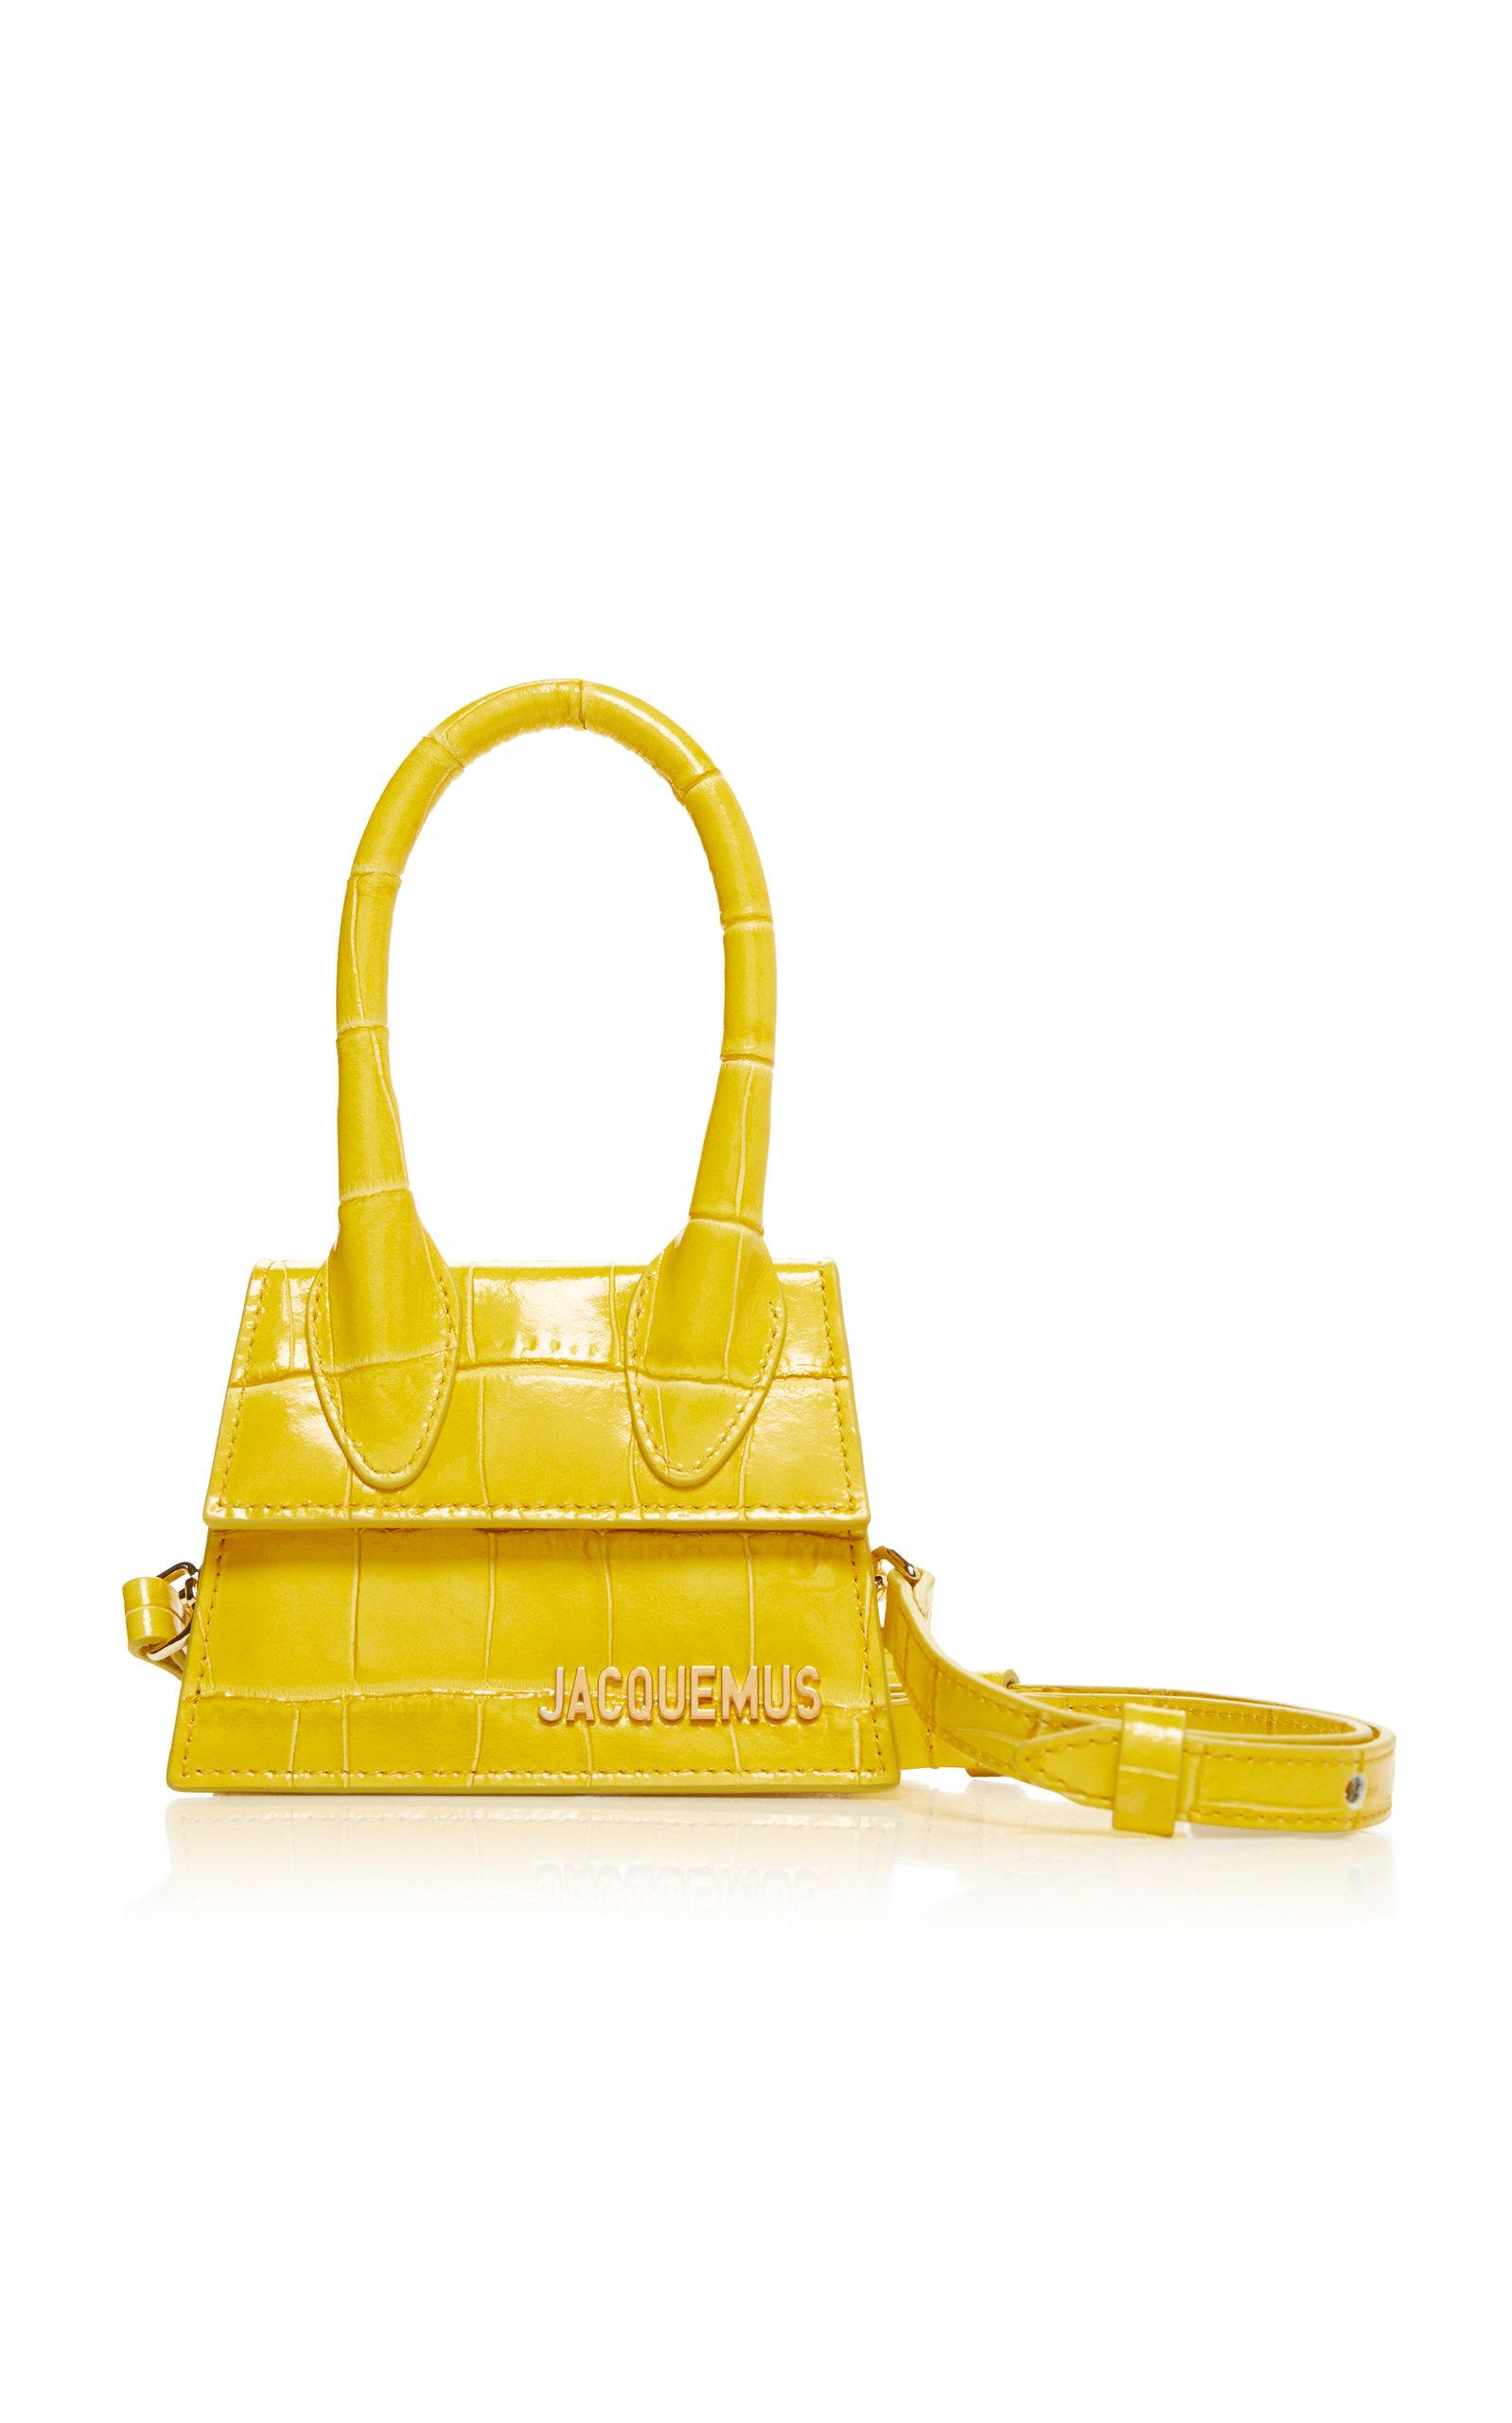 84c8ef9514957 JacquemusLe Chiquito Leather Mini Bag. CLOSE. Loading